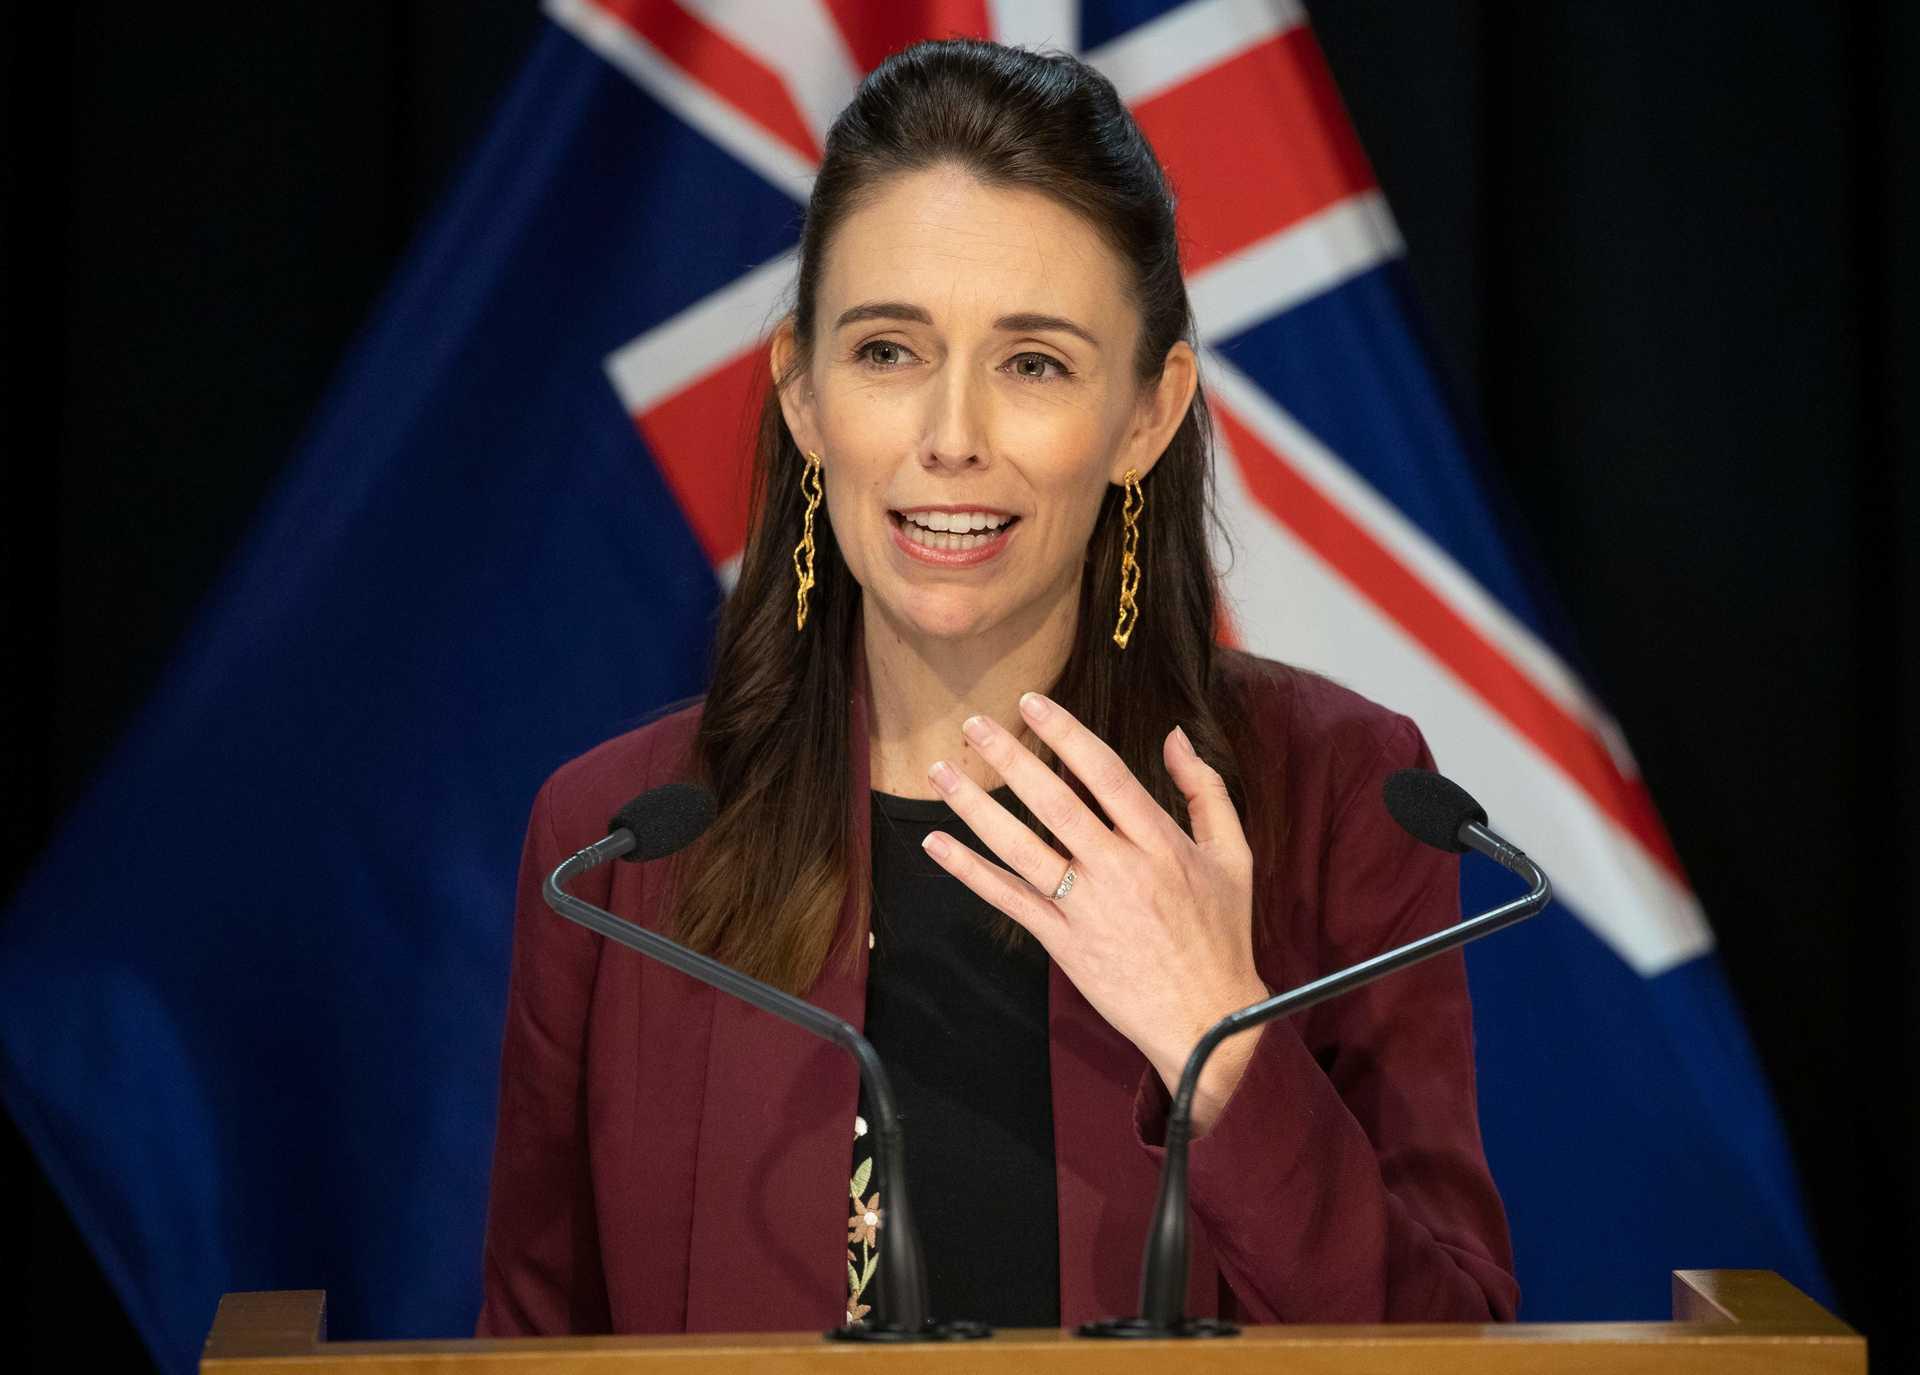 """Semana de 4 dias pode recuperar turismo"""", sugere primeira-ministra ..."""